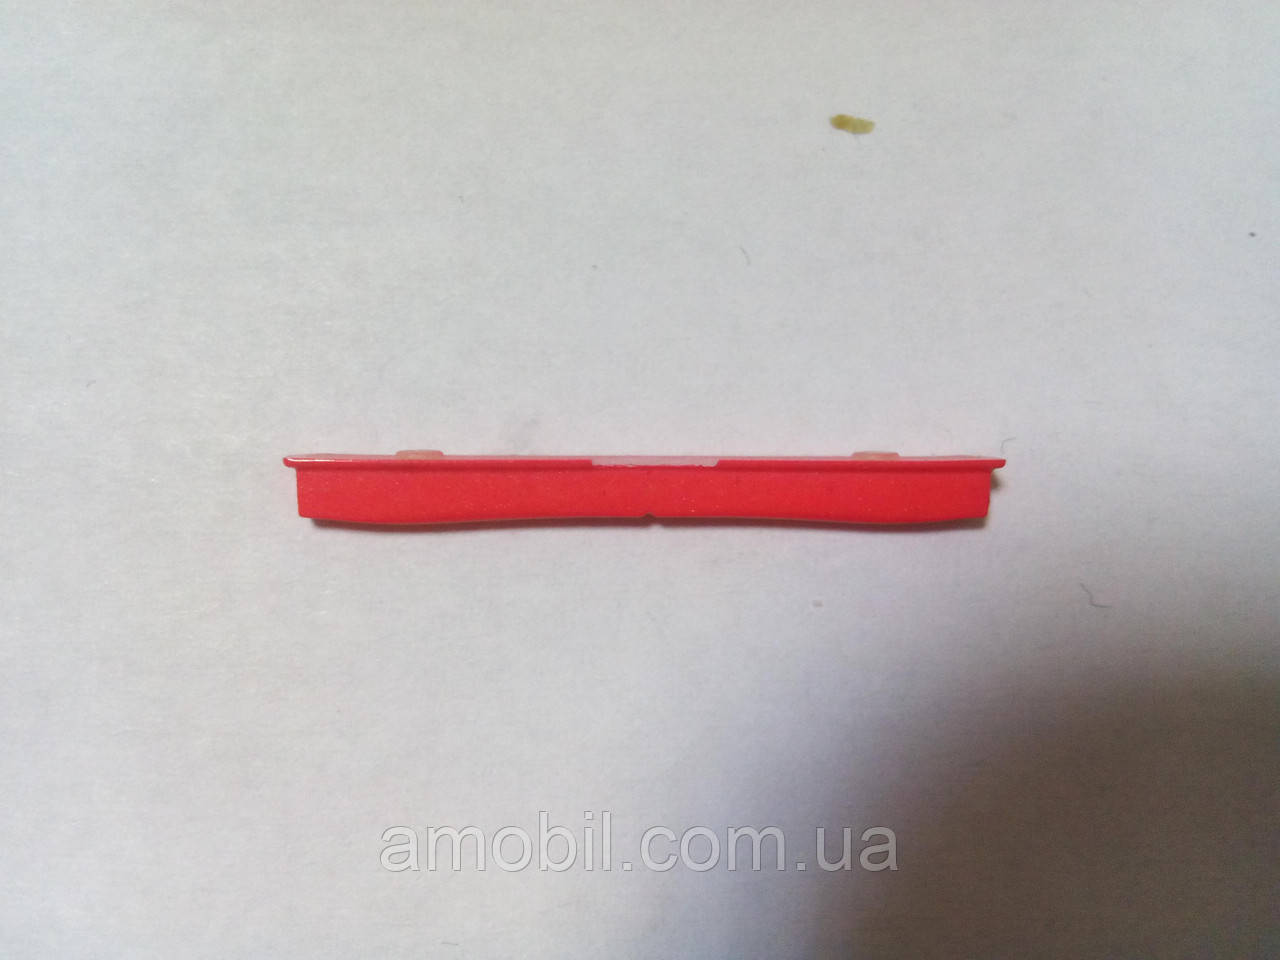 Кнопка звука (громкости) на Lenovo S820 красная orig